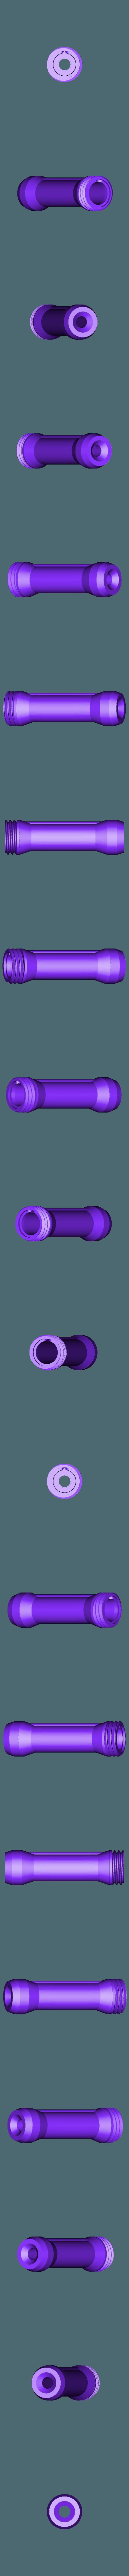 integratedtube.stl Télécharger fichier STL gratuit Corps de lampe de poche pour module LED/réflecteur V2 • Design à imprimer en 3D, LarryG